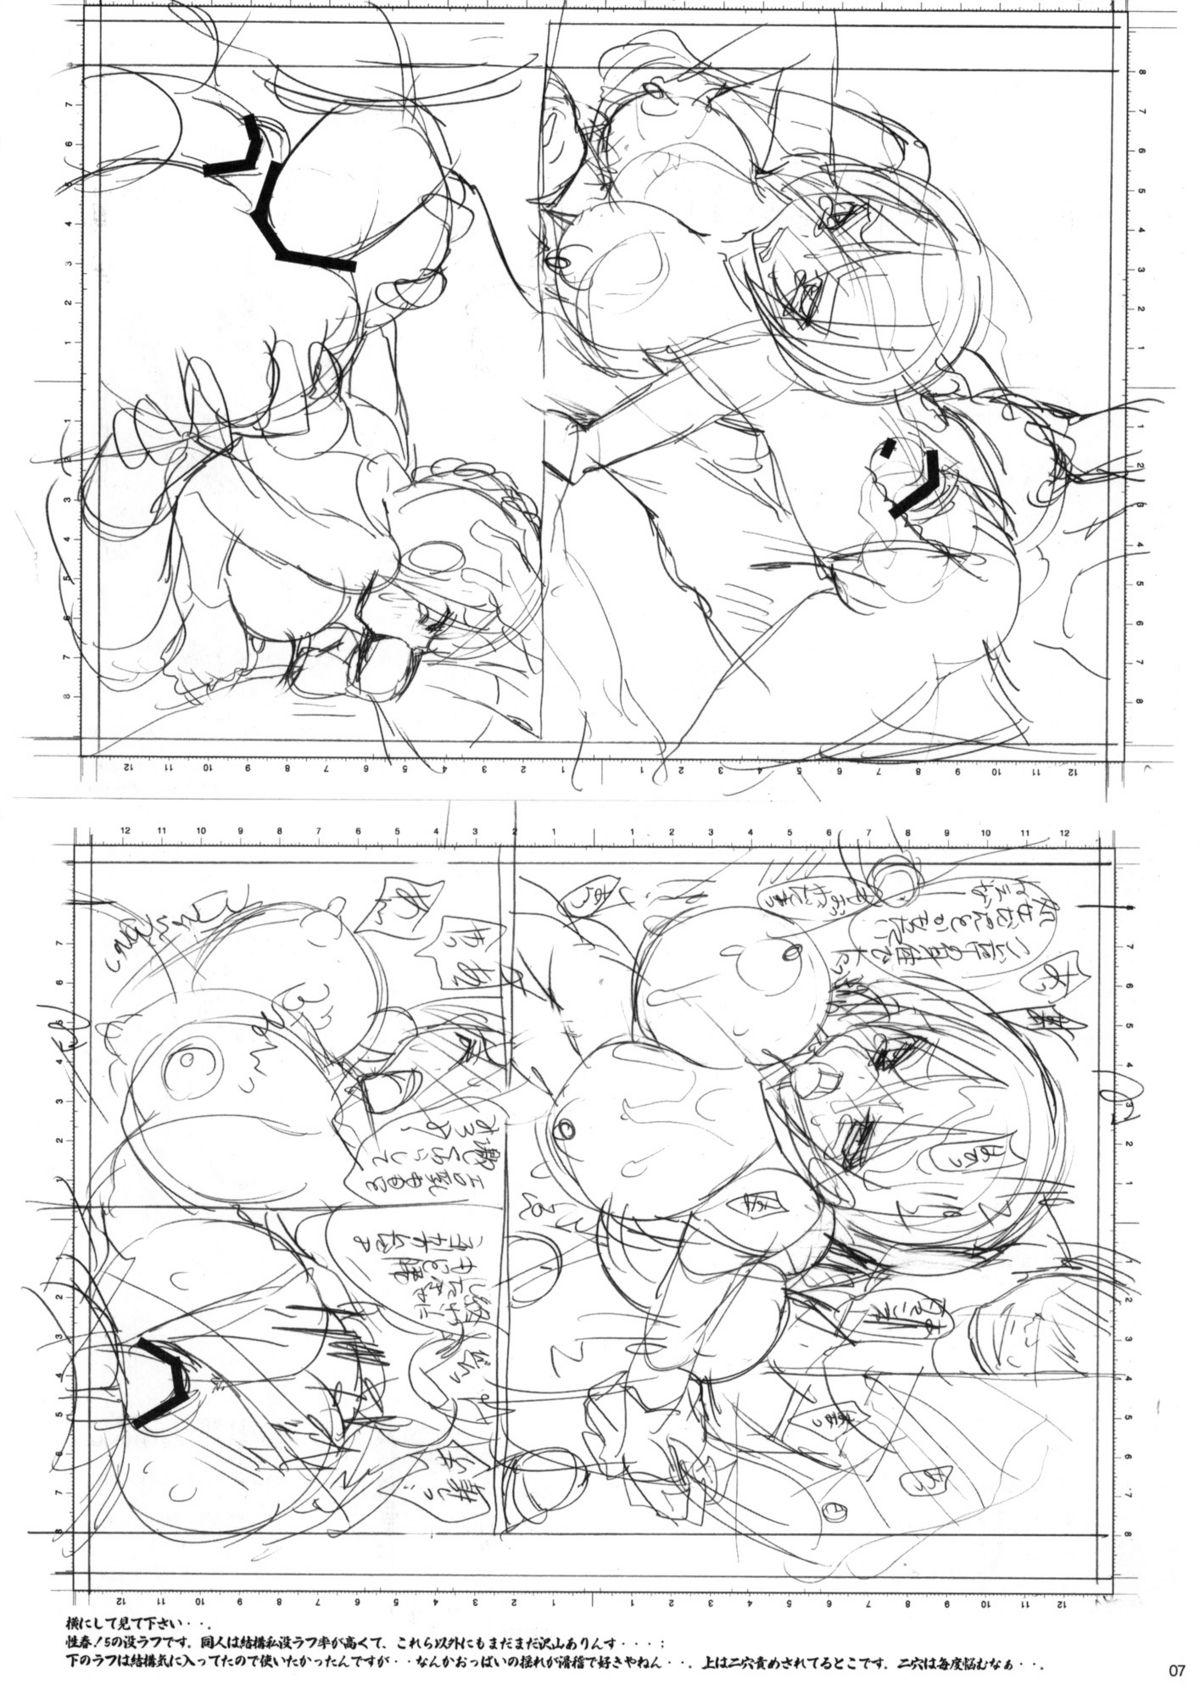 勝ち気な巨乳JKがスクール水着姿で輪姦凌辱される!?!?【エロ漫画・エロ同人】 (40)